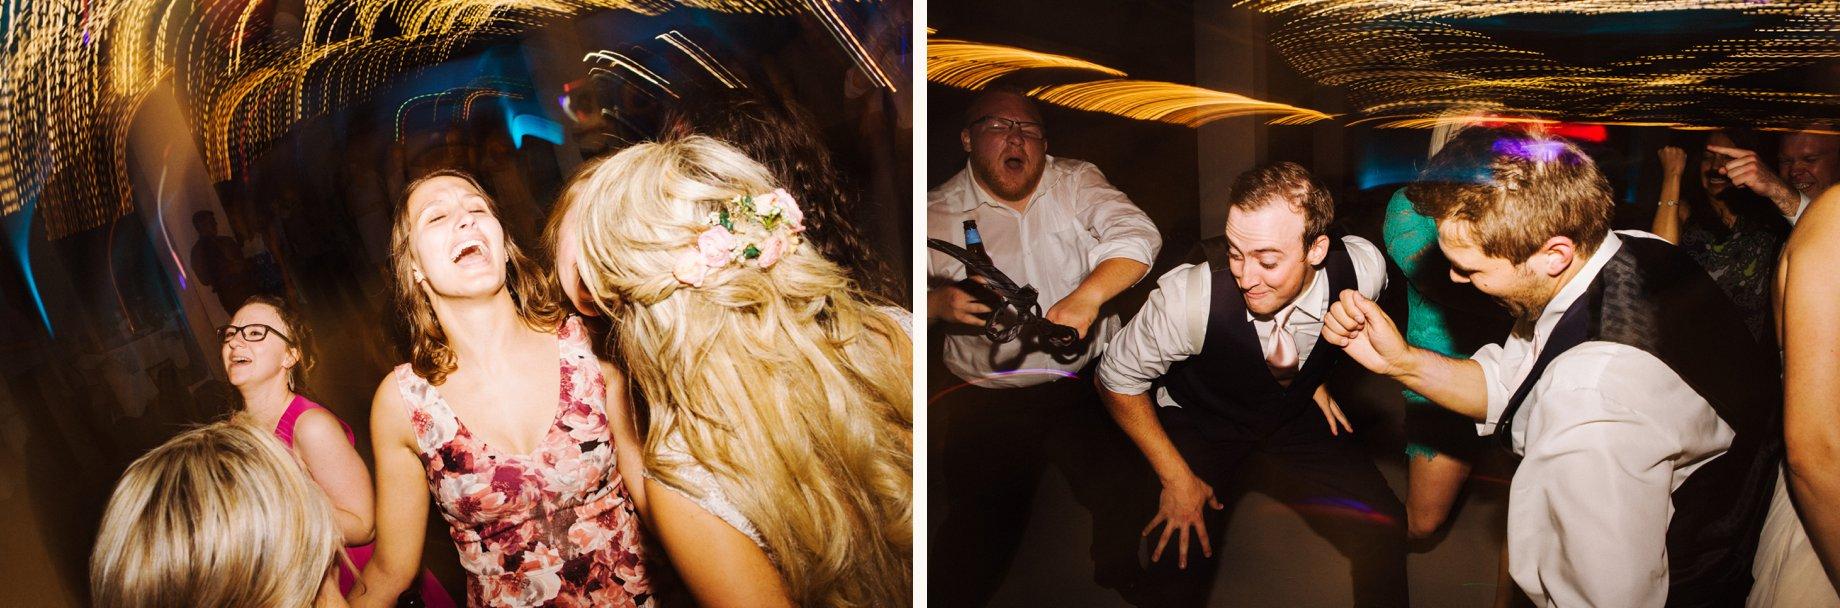 dancing at a port huron wedding